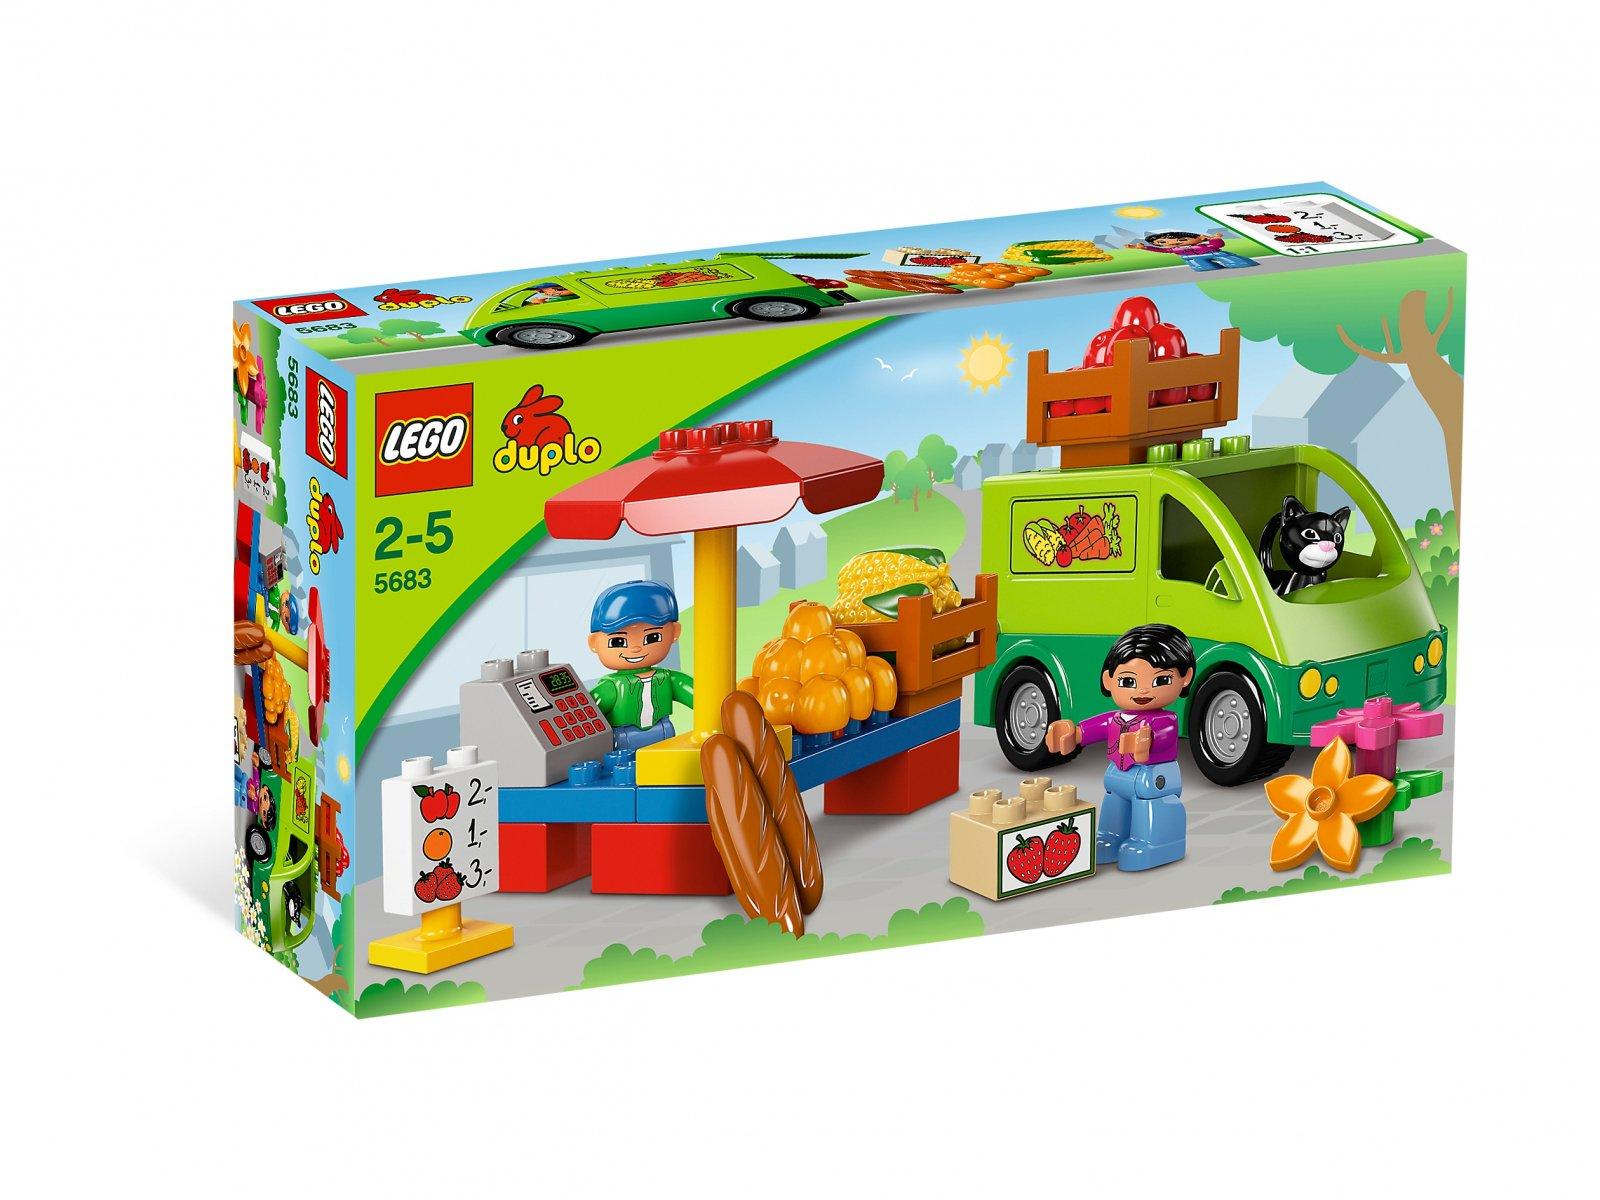 Lego 5683 Duplo Warzywniak Porównaj Ceny Zklockówpl